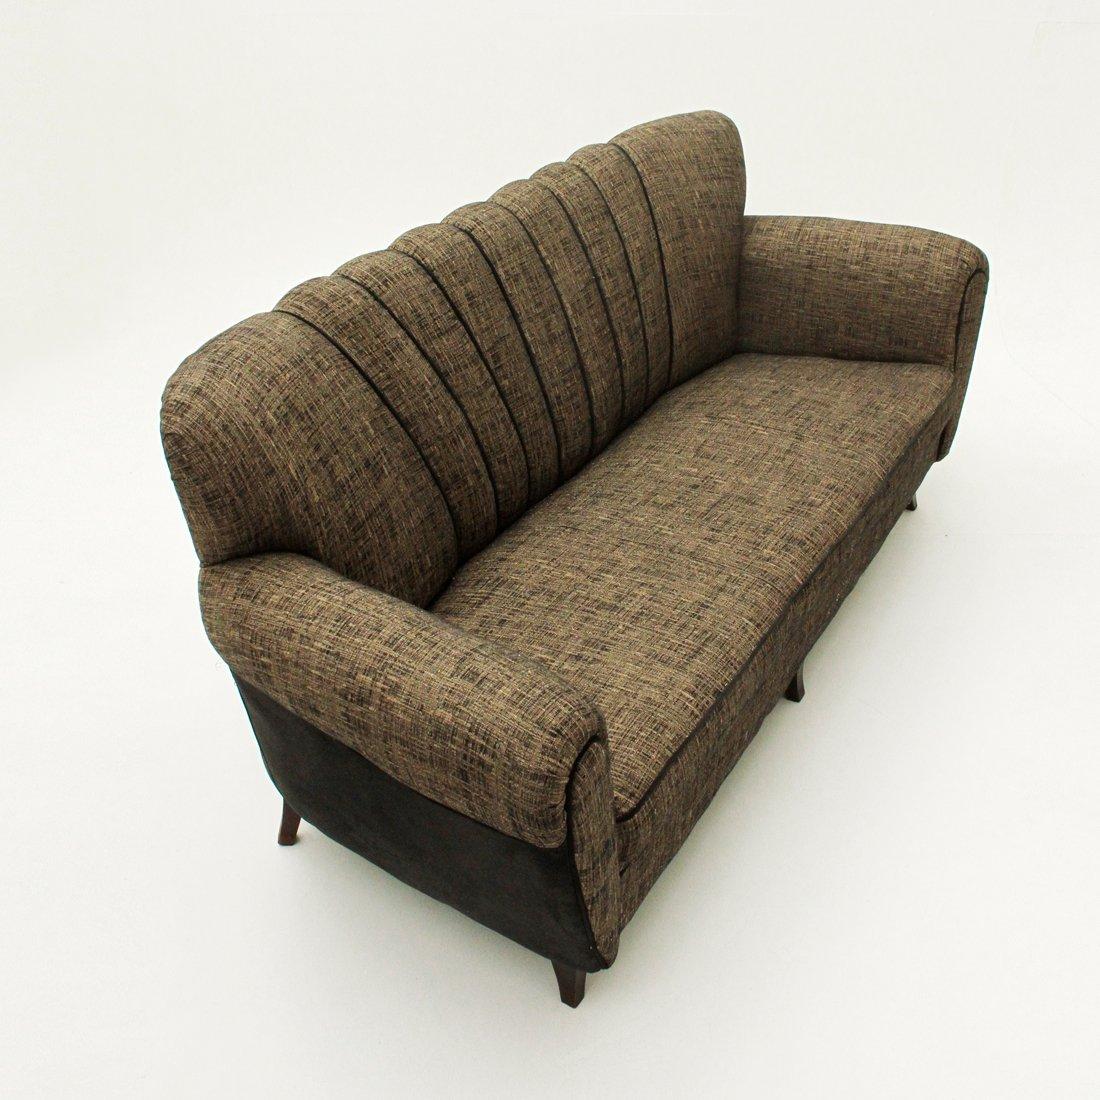 italienisches drei sitzer sofa in braun schwarz 1950er bei pamono kaufen. Black Bedroom Furniture Sets. Home Design Ideas